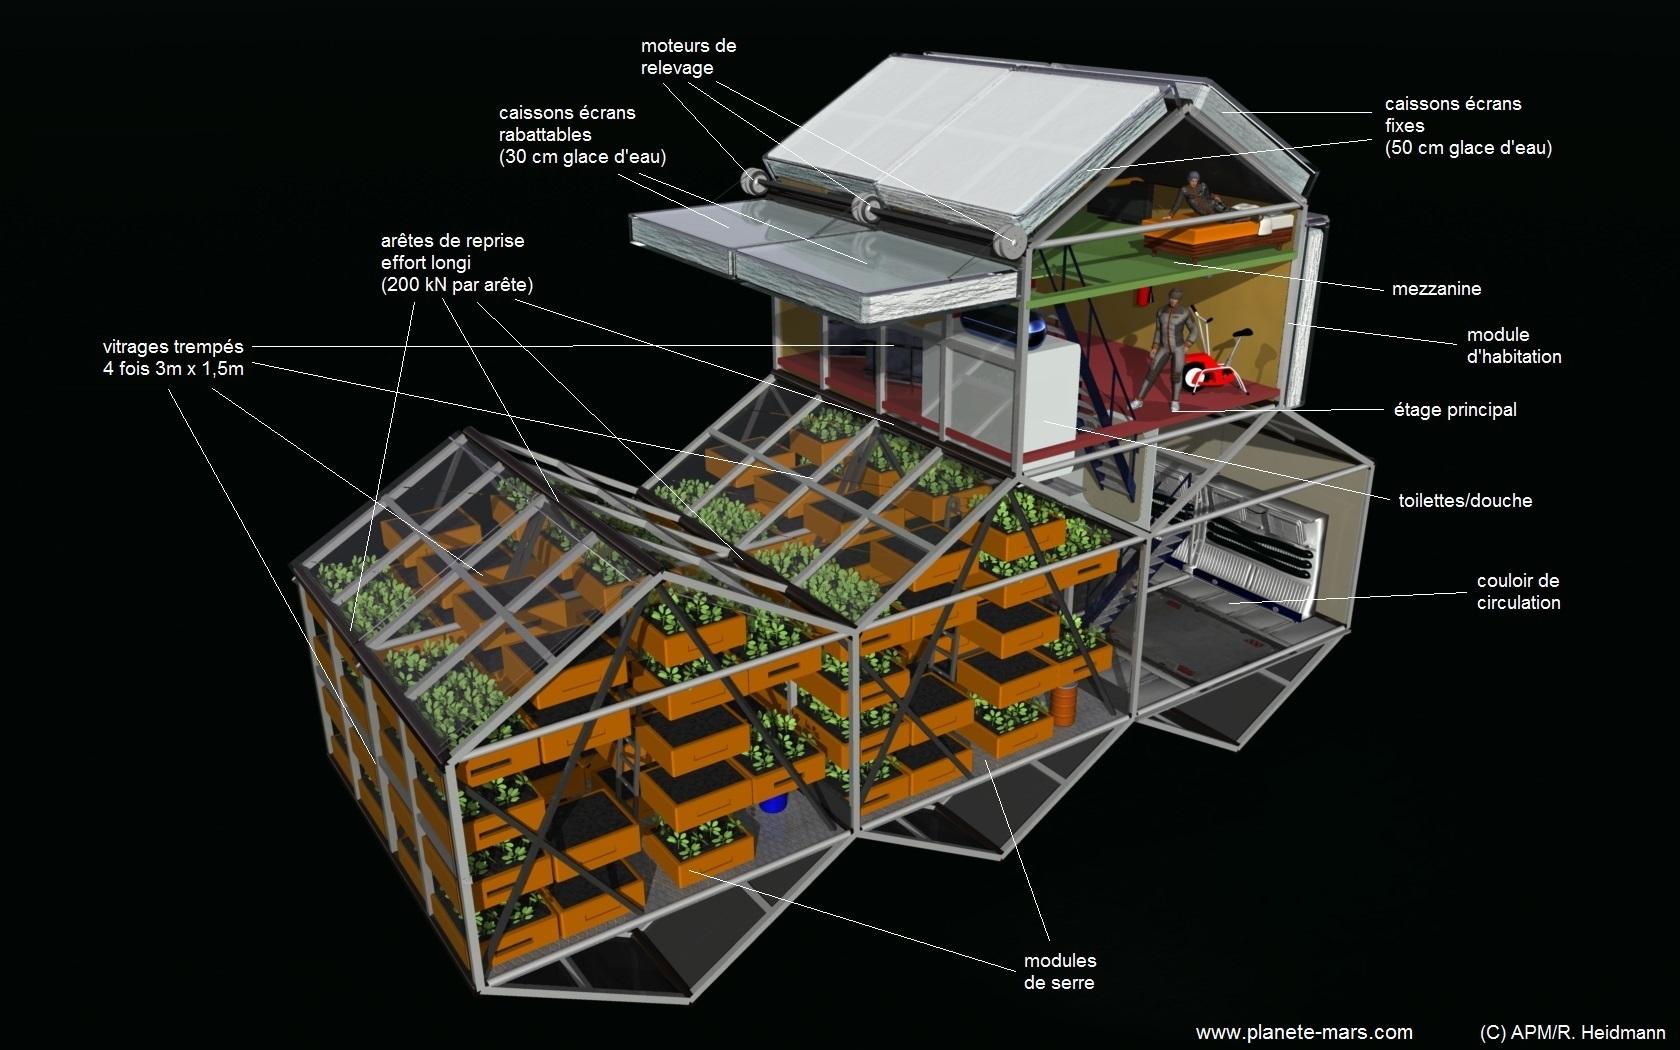 Unité d'habitation, avec deux modules de serre, pour deux résidents. Les cultures sont représentées en terre, dans des bacs, mais il se pourrait qu'on opte pour le mode hydroponique (aspect non traité ici). Nota: les «carènes» sont représentées en réalisation acier; les serres sont supposées ne pas nécessiter d'écrans anti-SPE (rabattables).